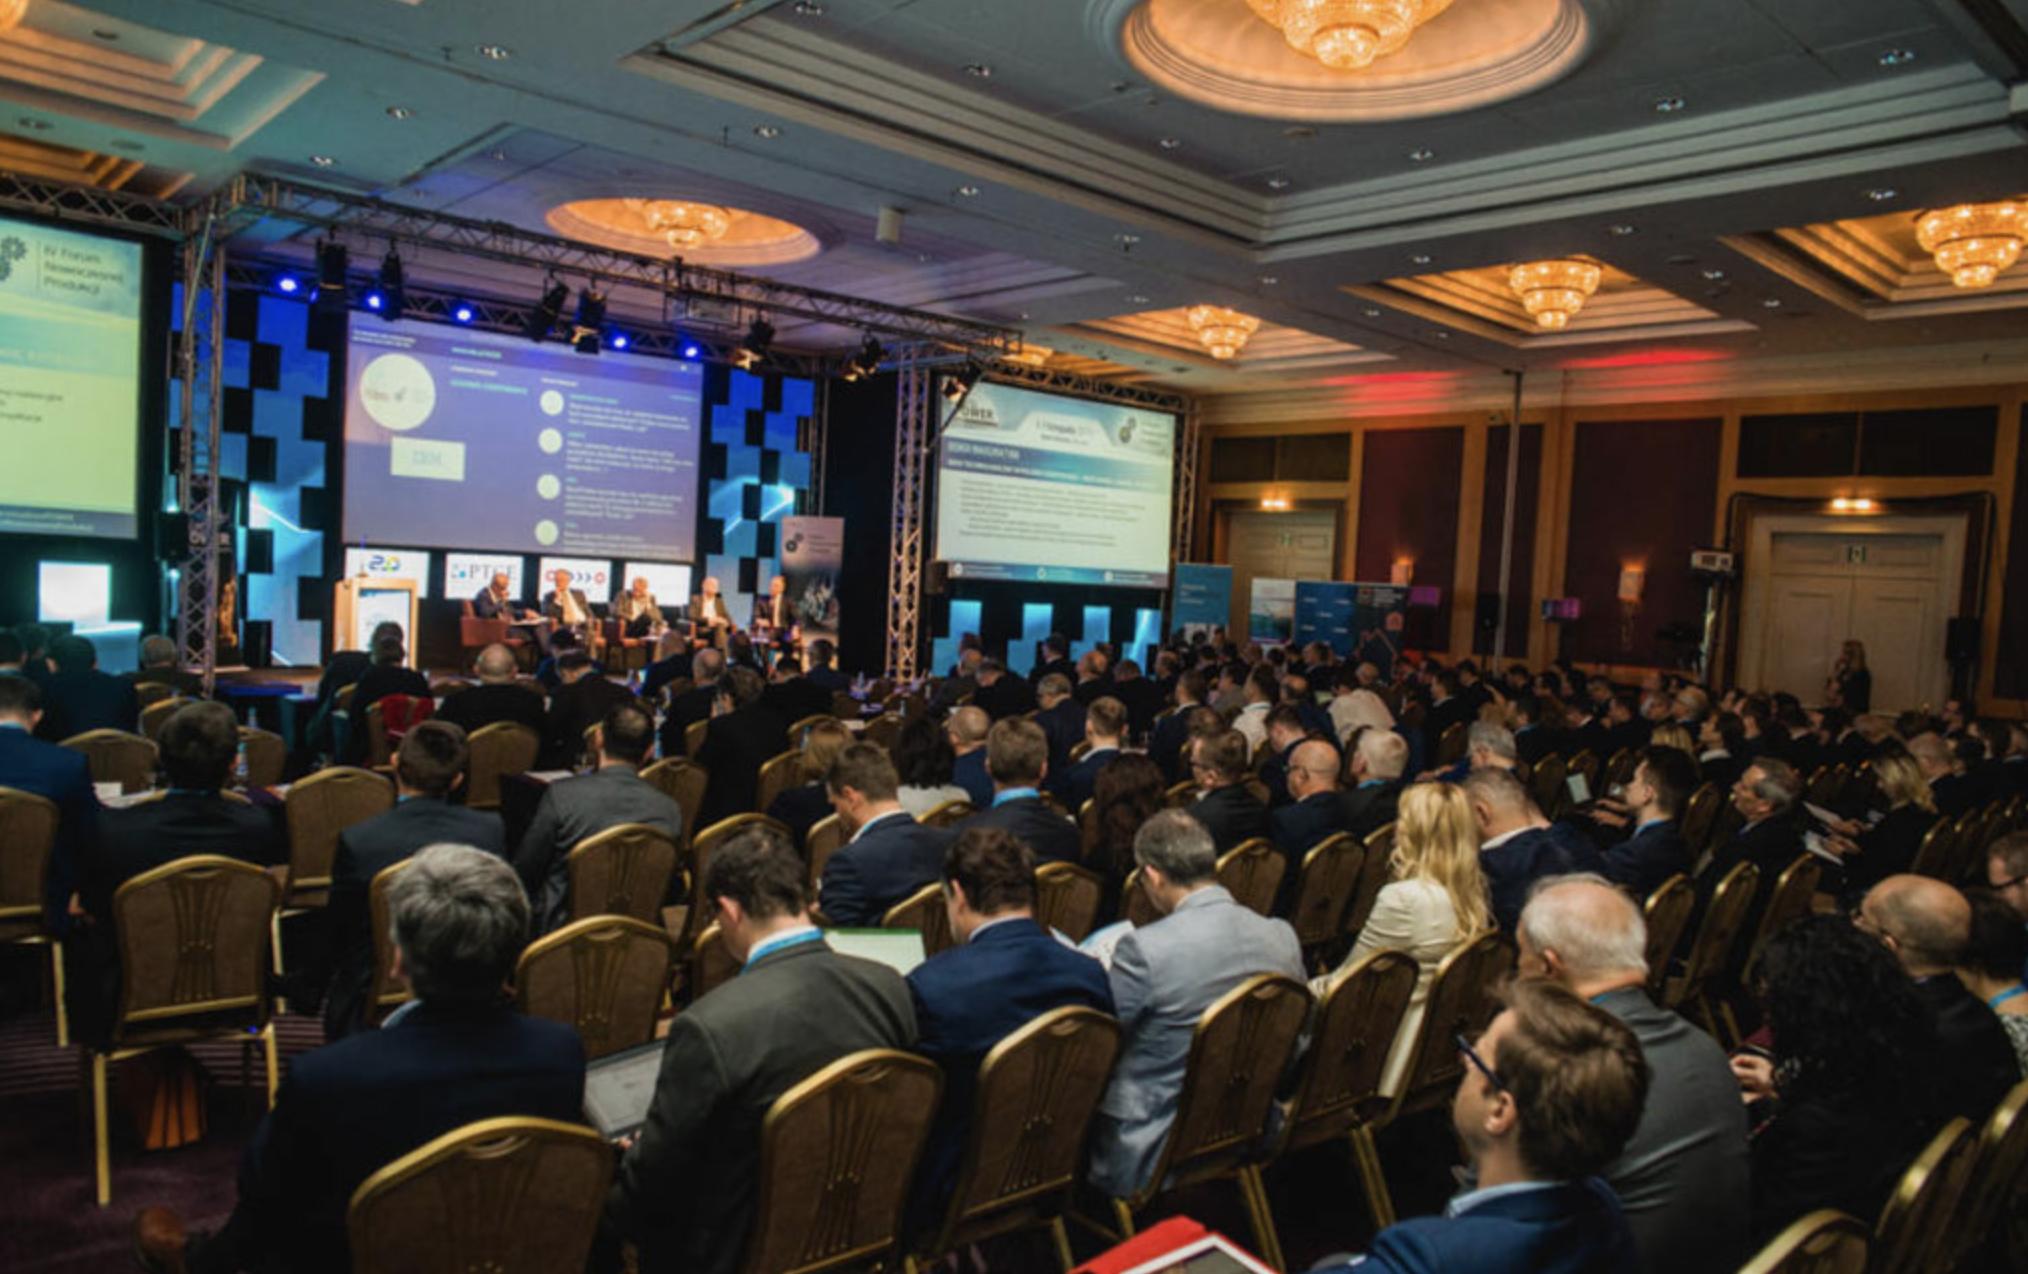 Forum Nowoczesnej Produkcji - Industry 4.0